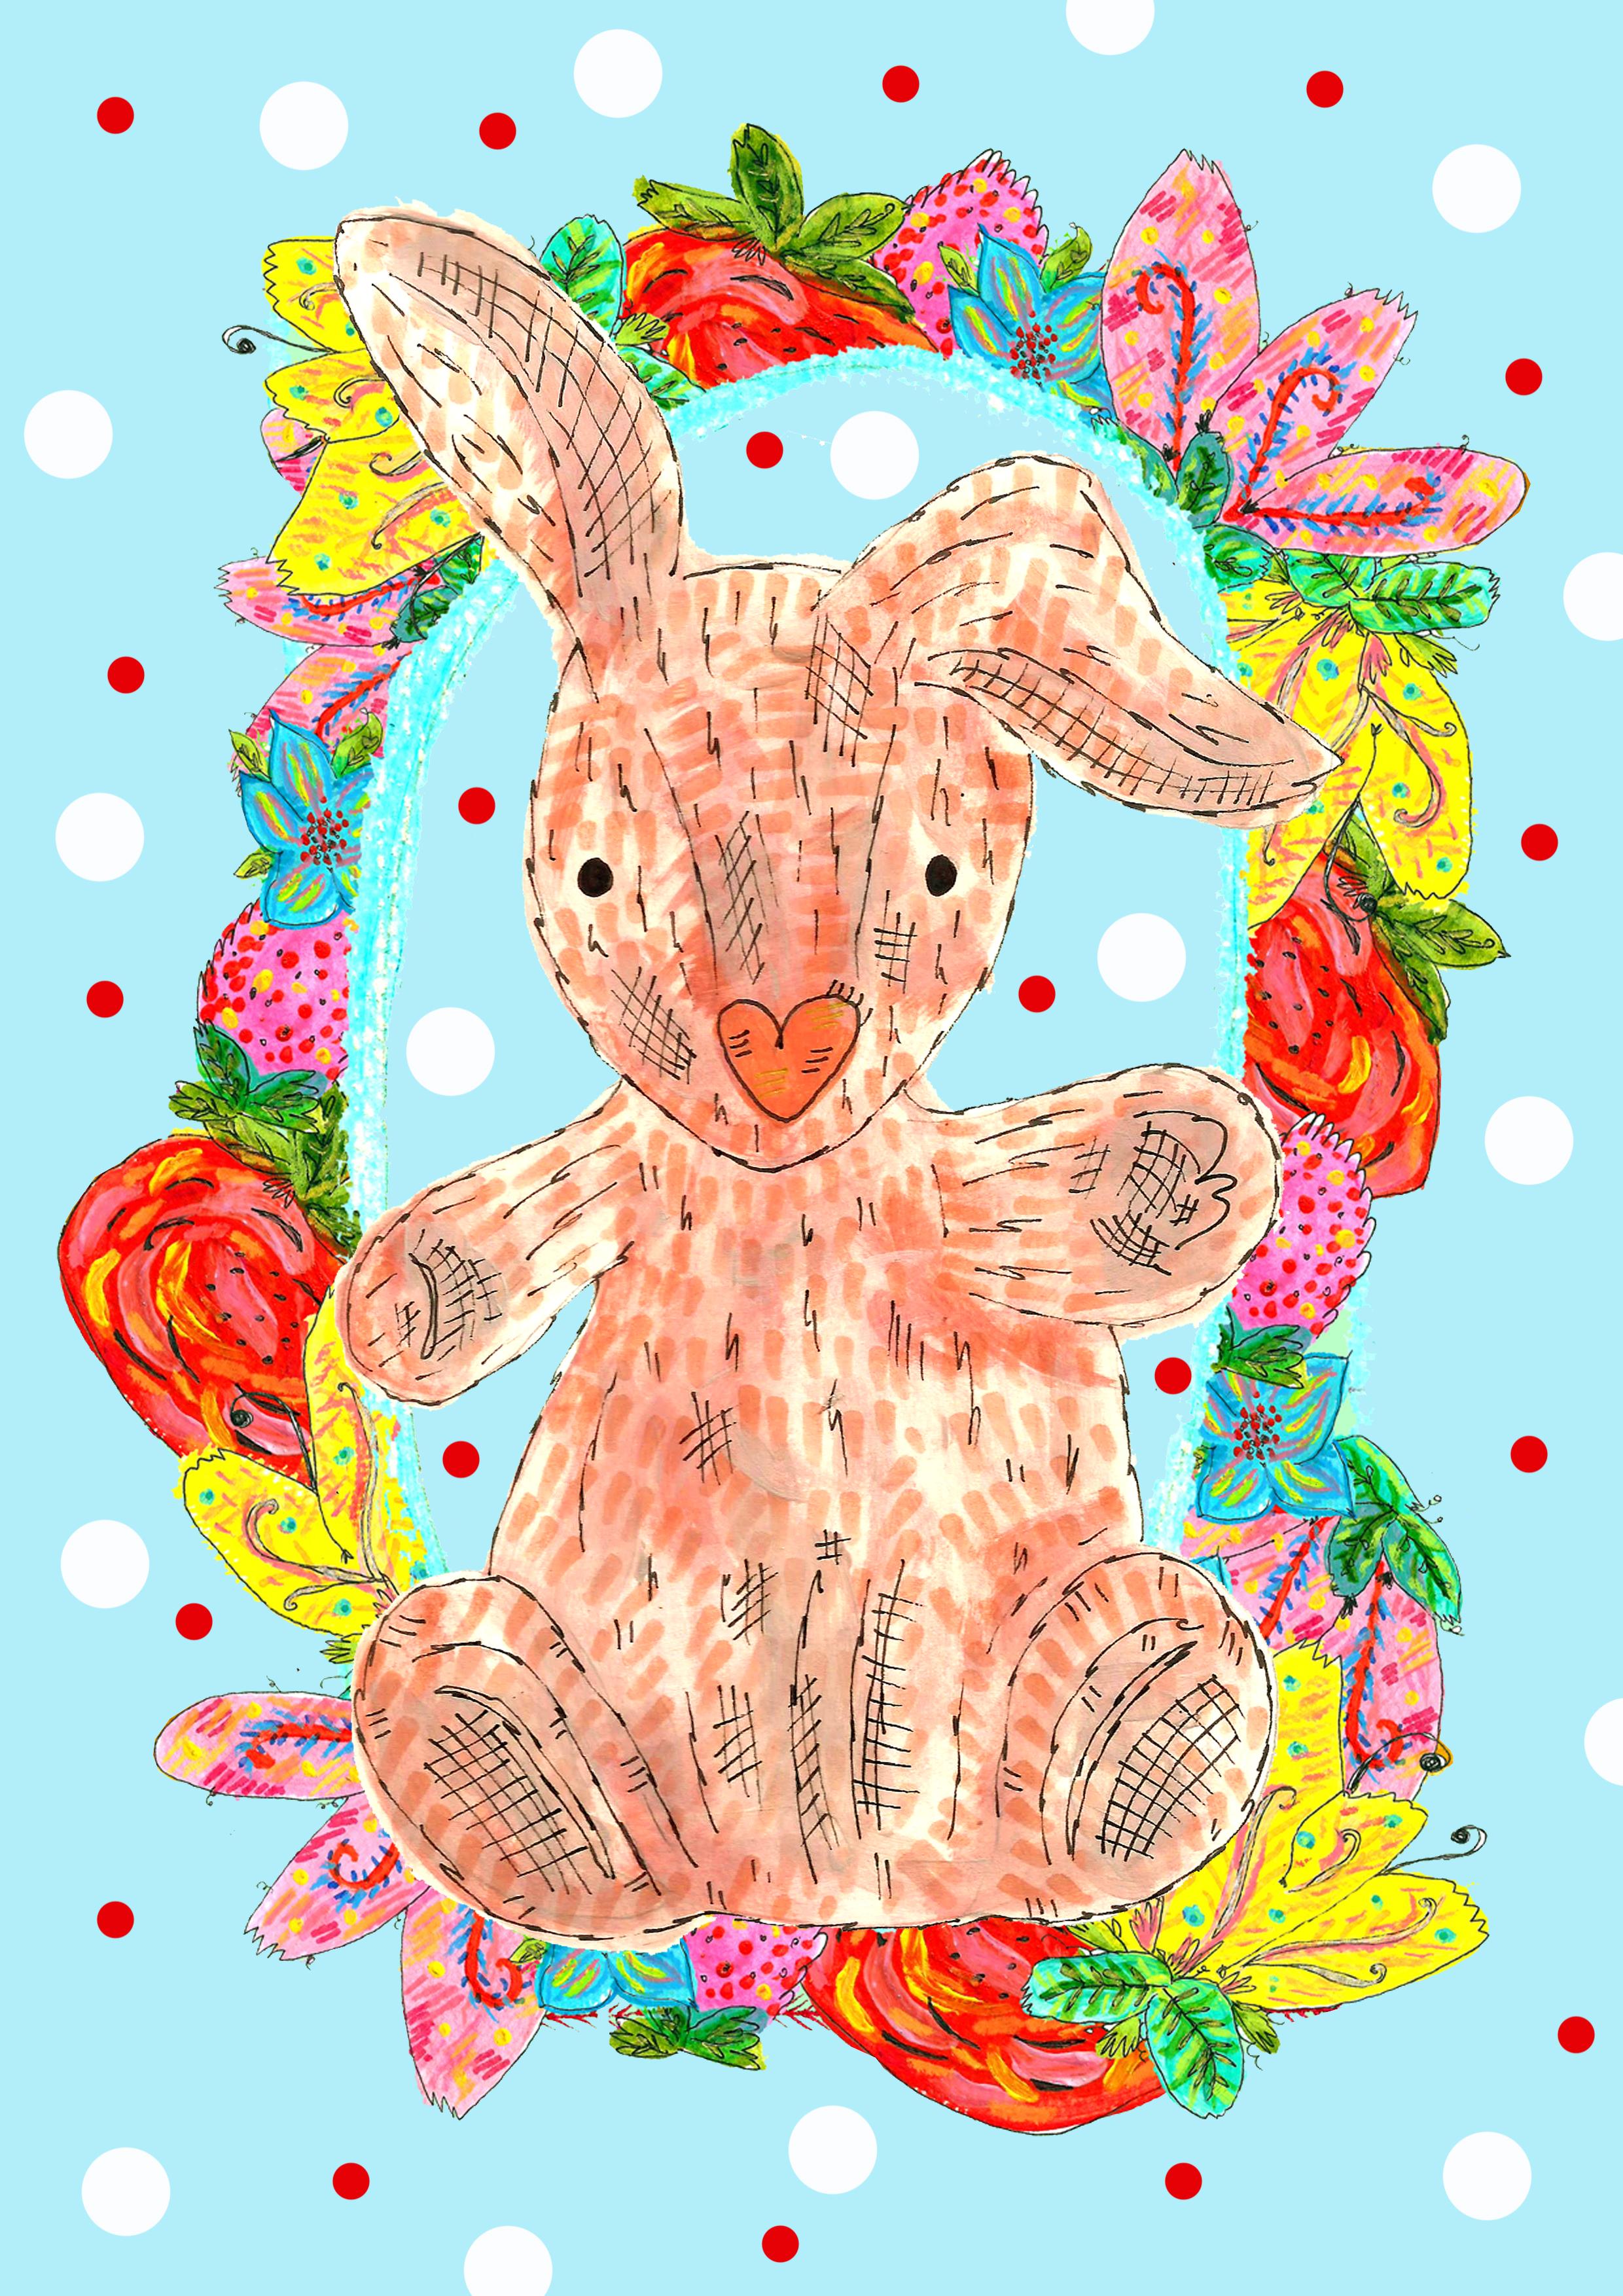 Natalie's Bunny A4.jpg